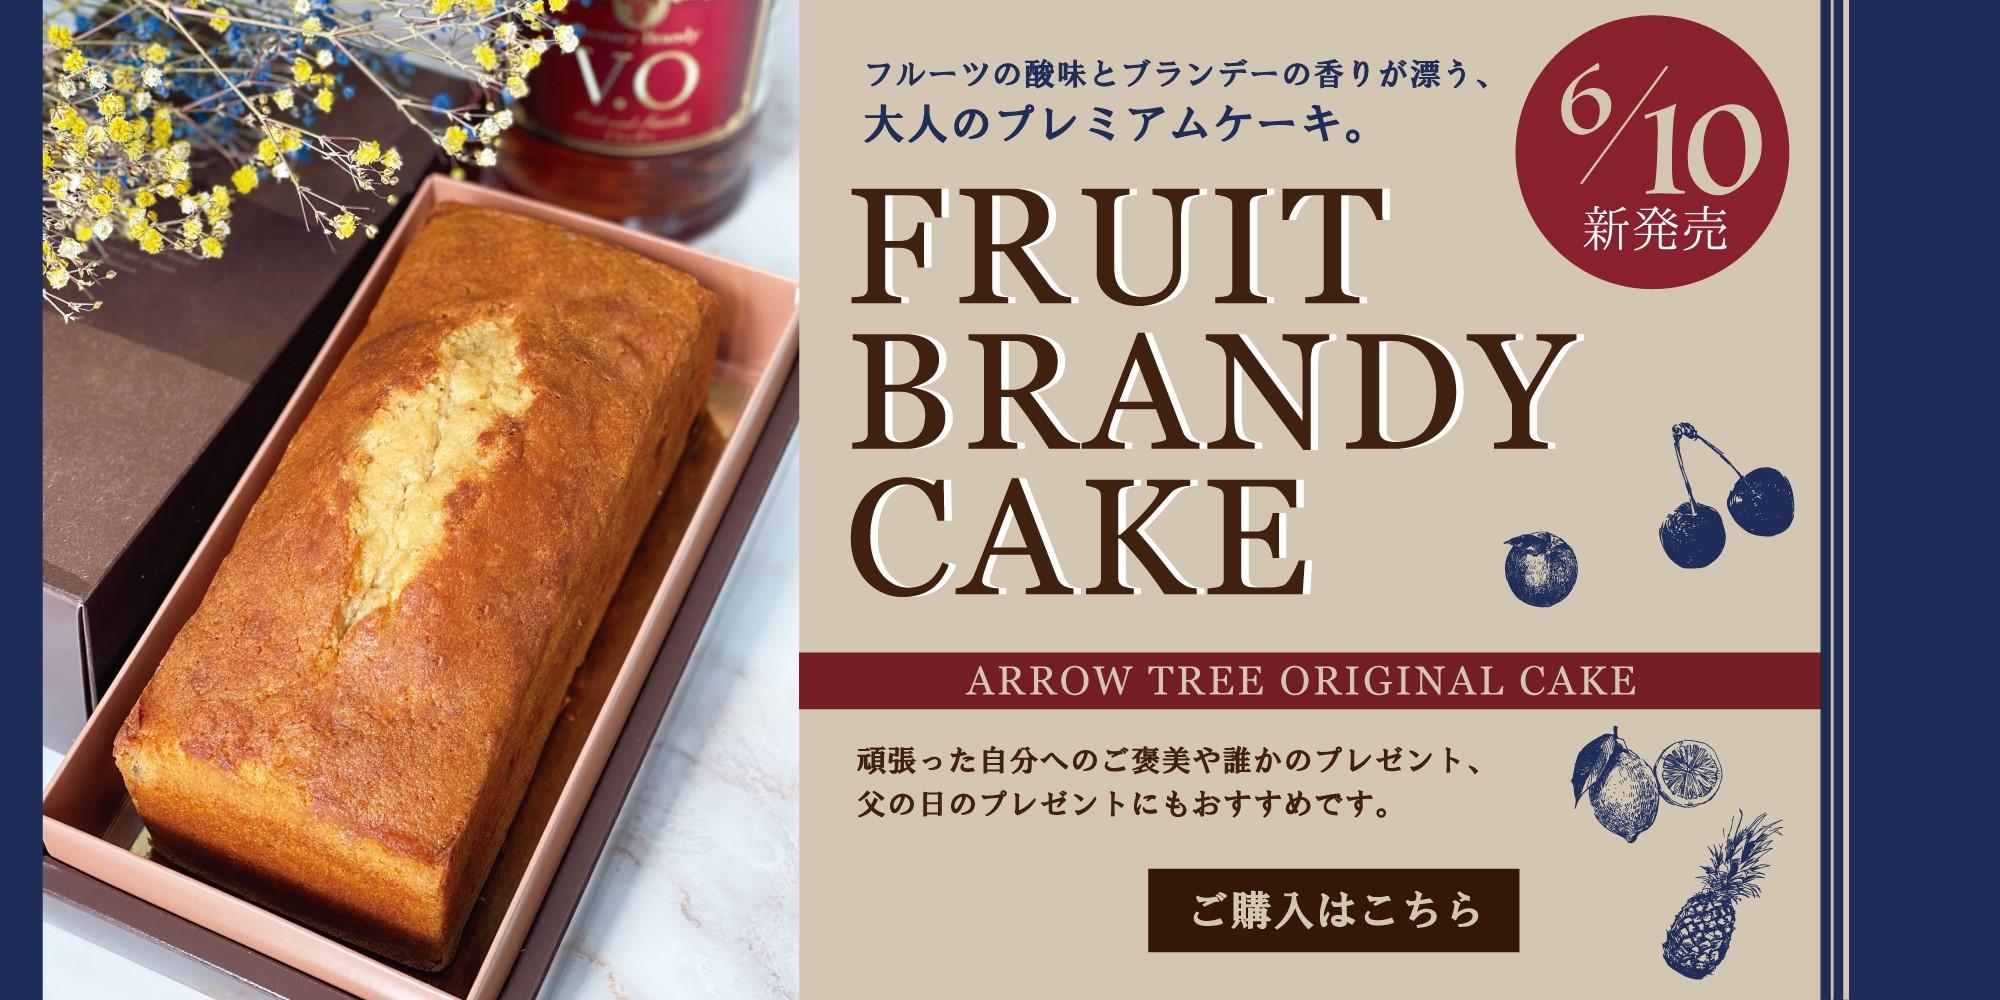 フルーツブランデーケーキ